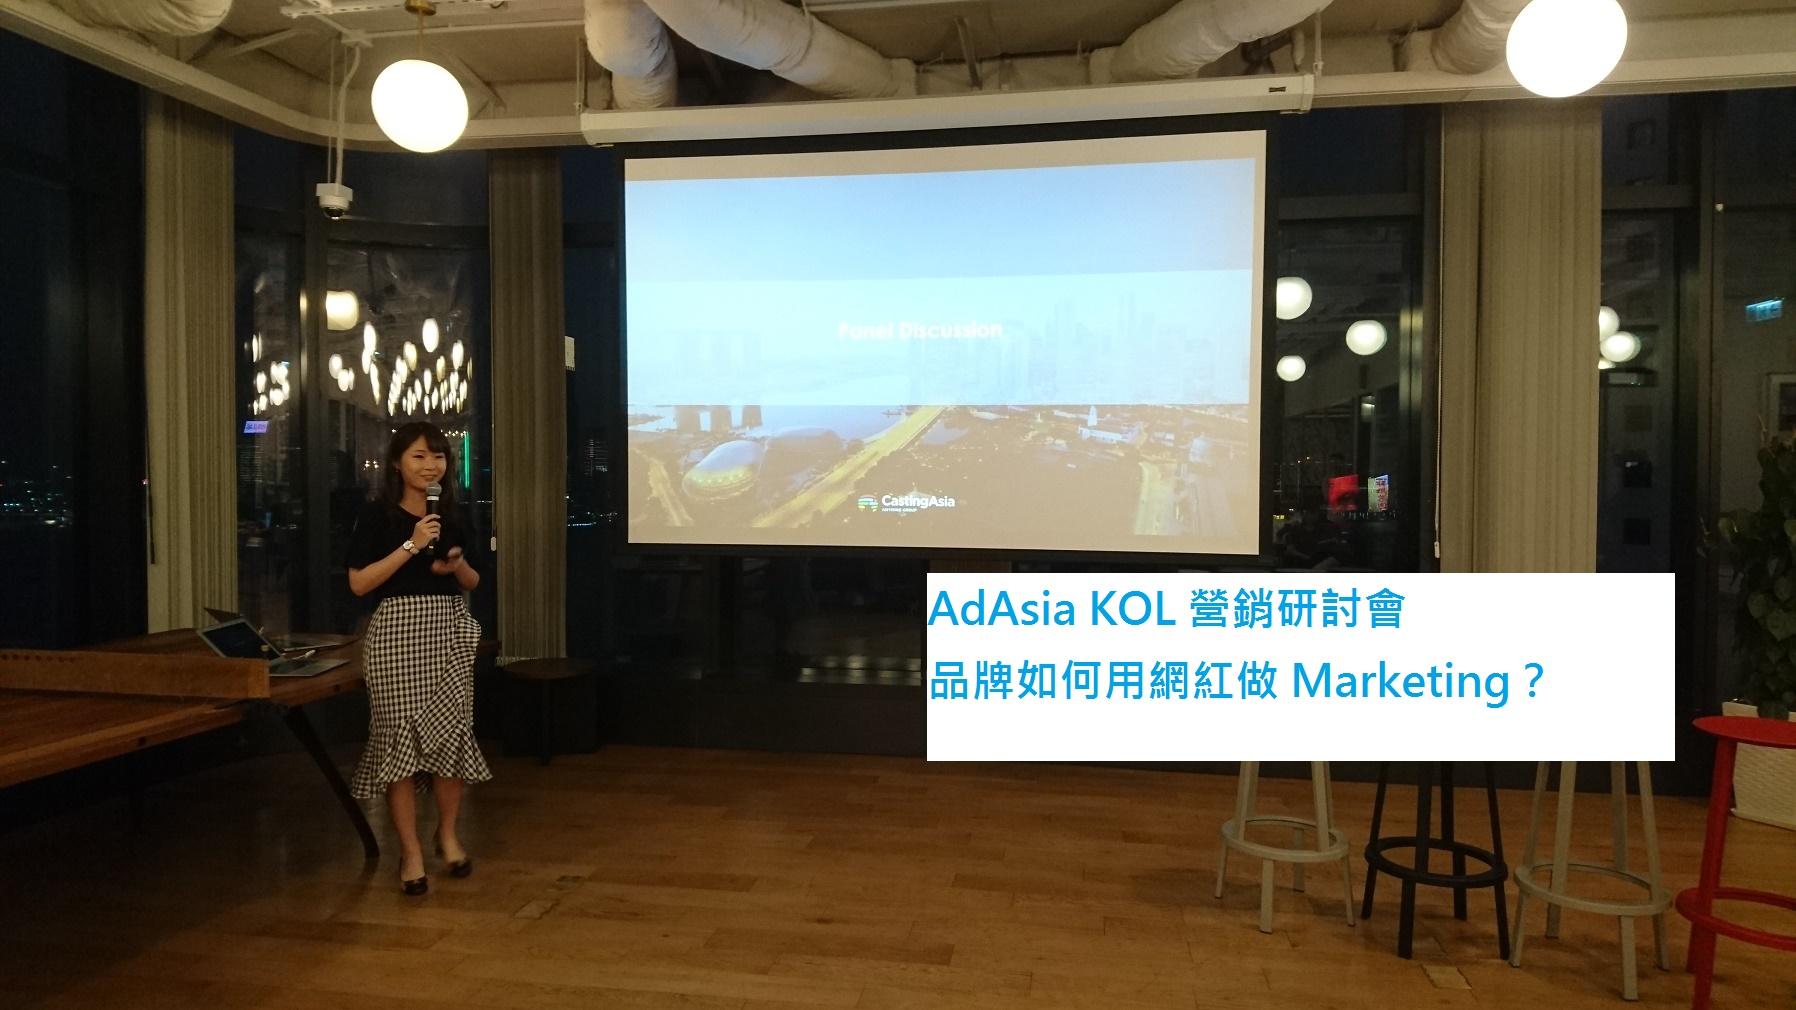 品牌如何用 KOL 做 Marketing?AdAsia KOL Marketing 研討會分享